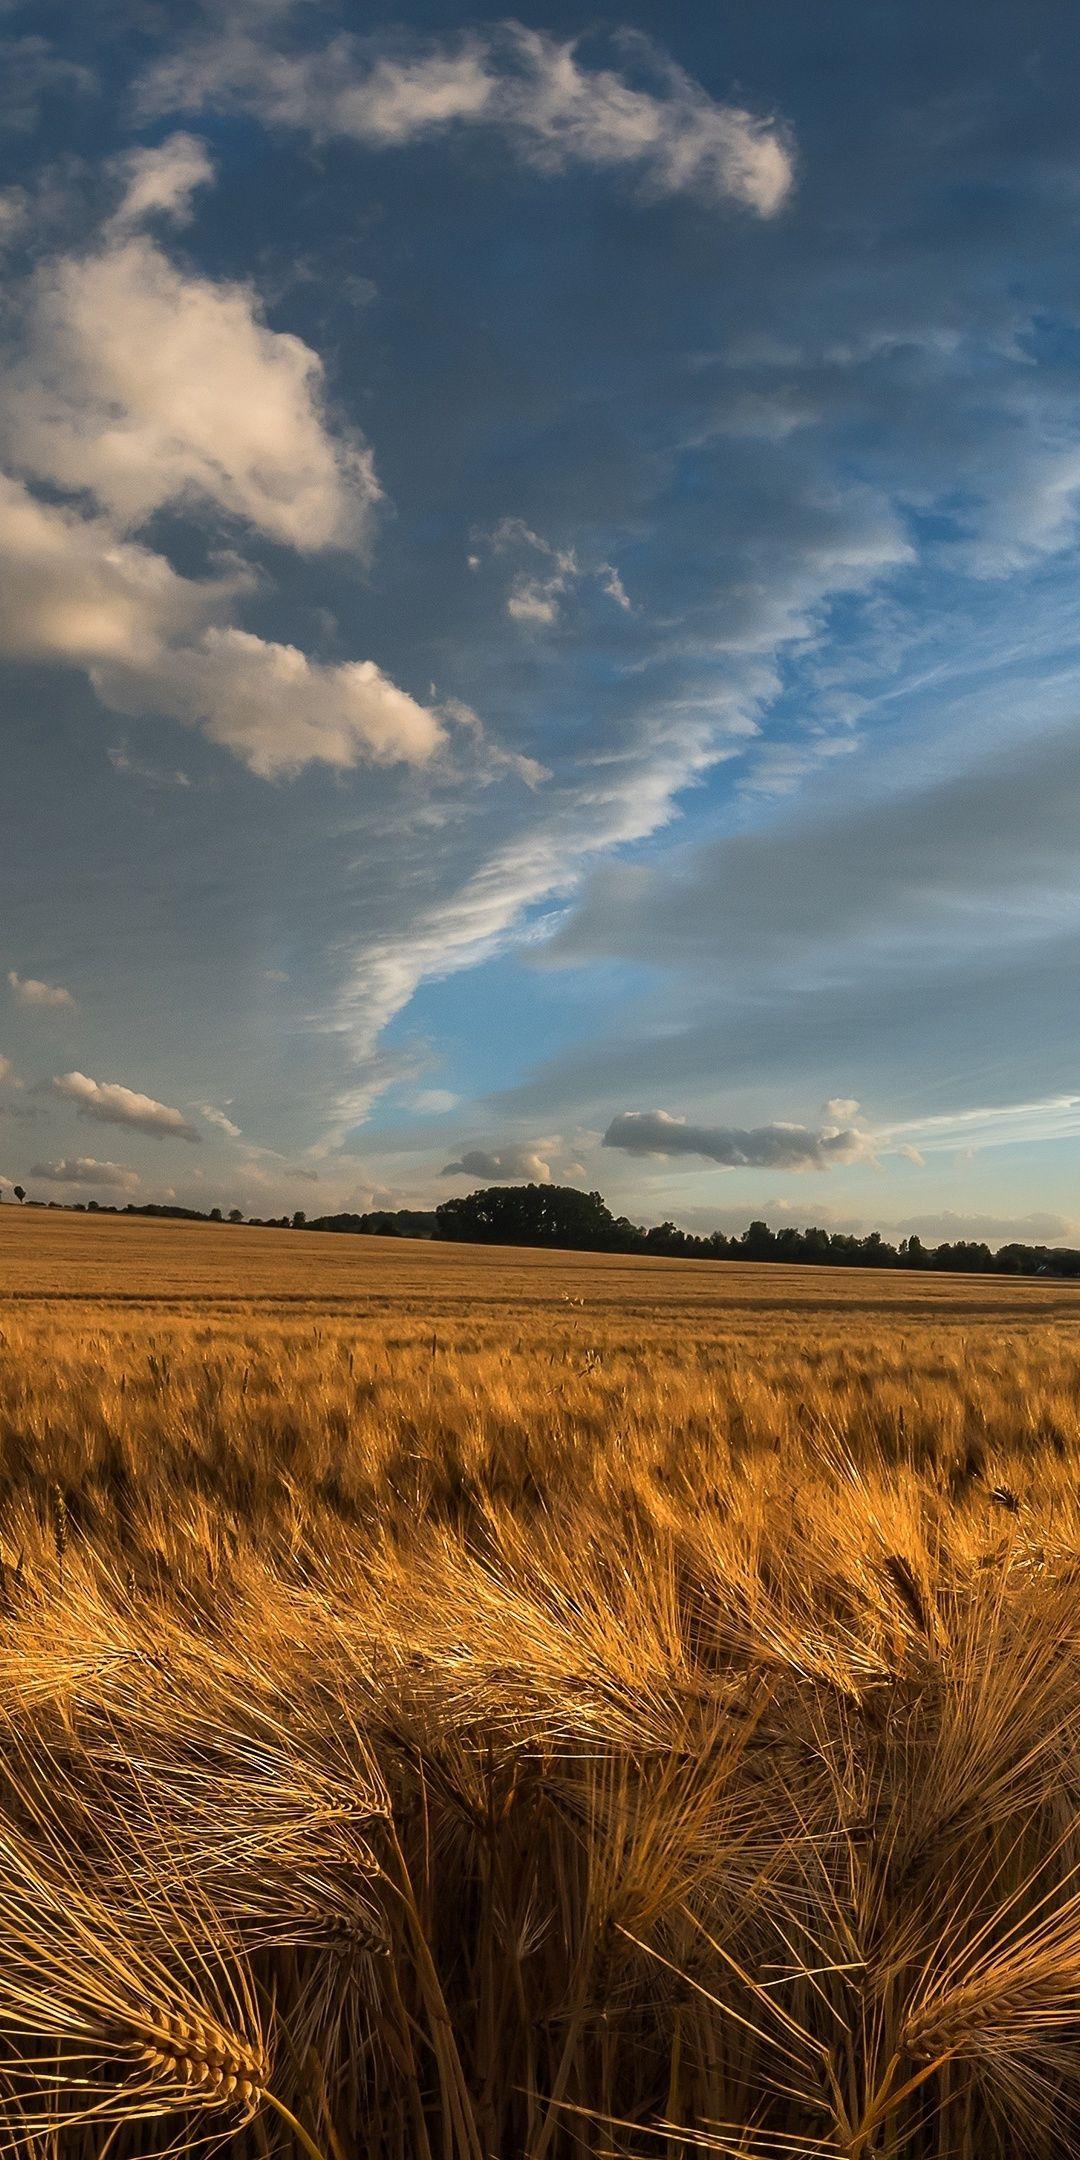 Golden Crop Wheat Farm Landscape Nature 1080x2160 Wallpaper Landscape Countryside Landscape Nature